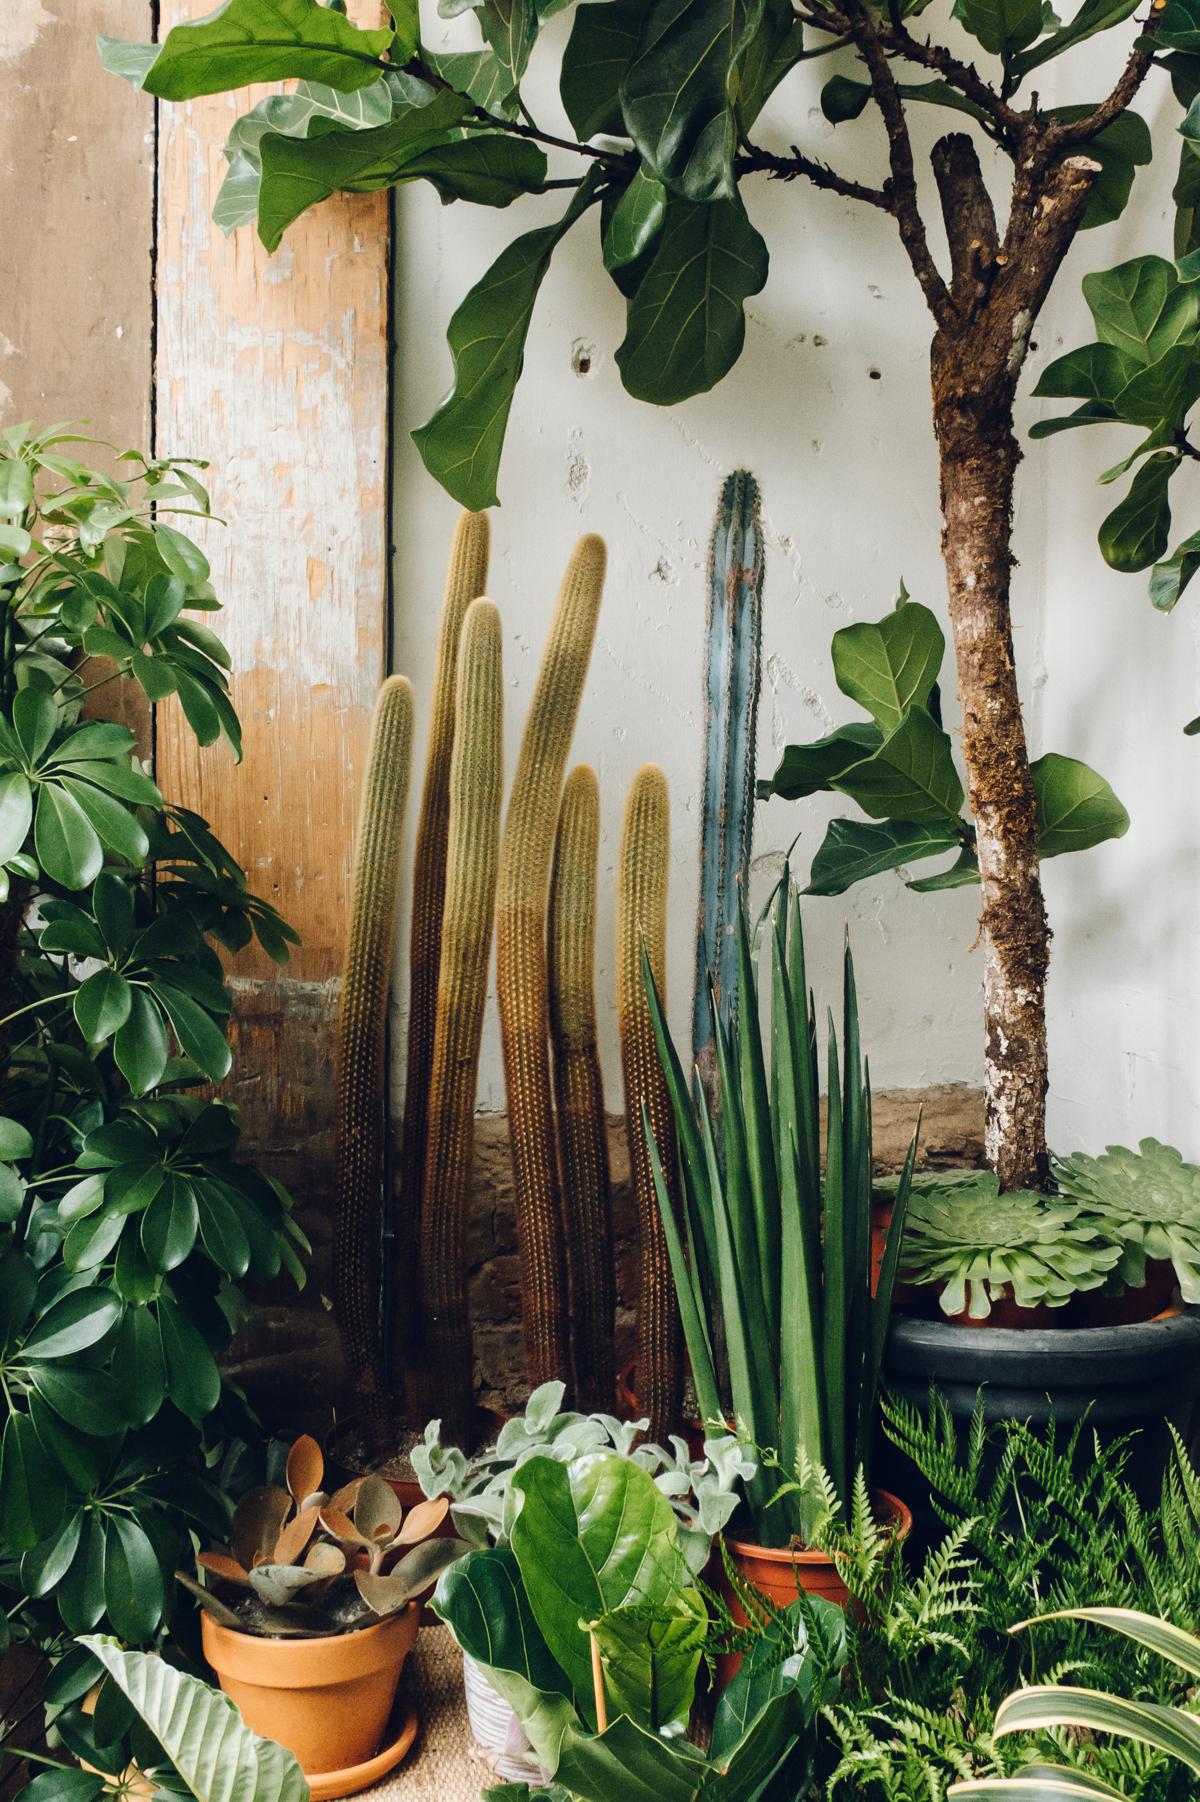 Cacti and plants in an indoor garden DREAM